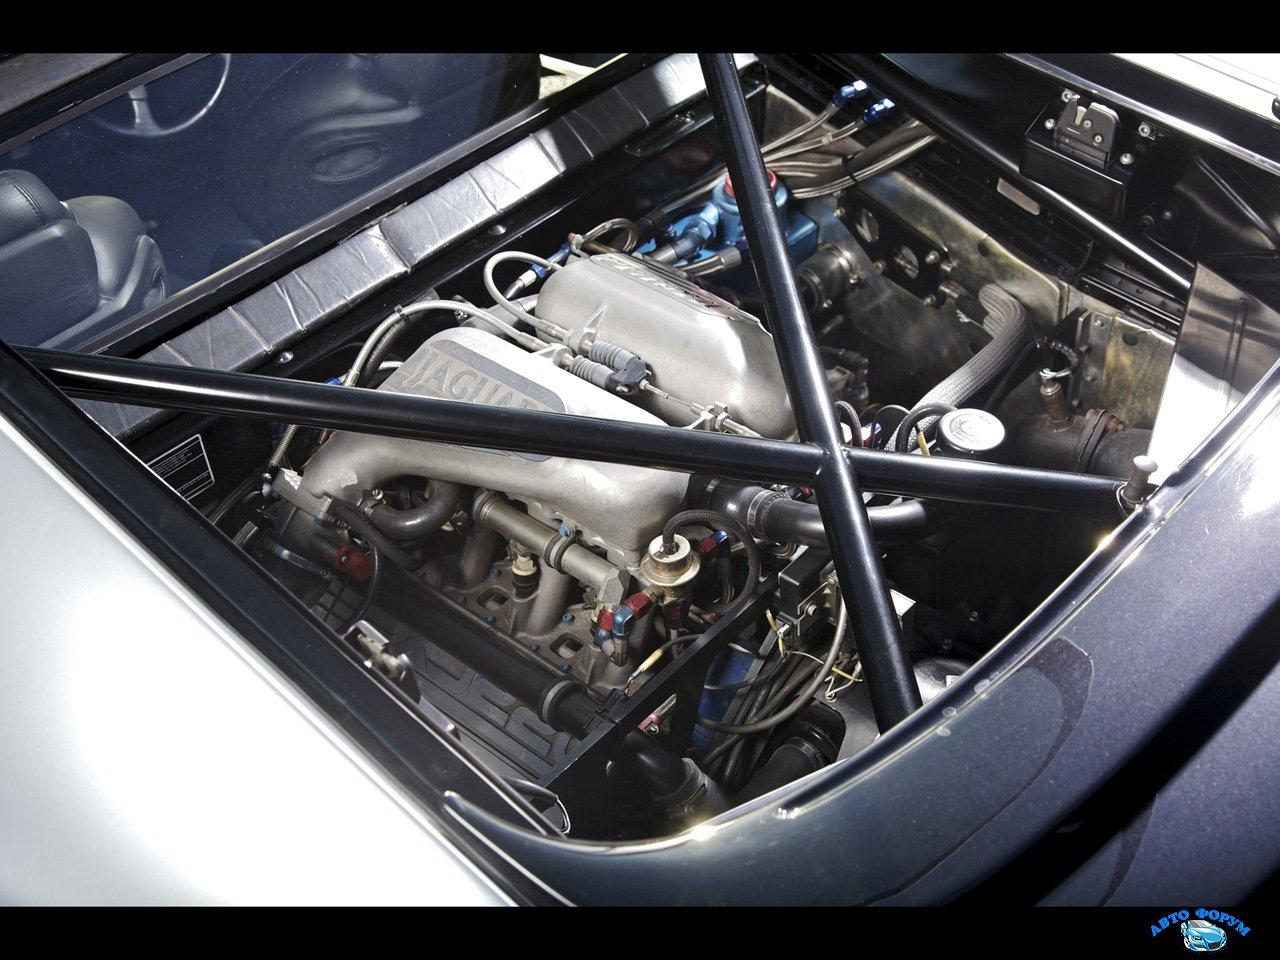 Jaguar-XJ220-and-XJ220-S-Engine-Compartment-1280x960.jpg